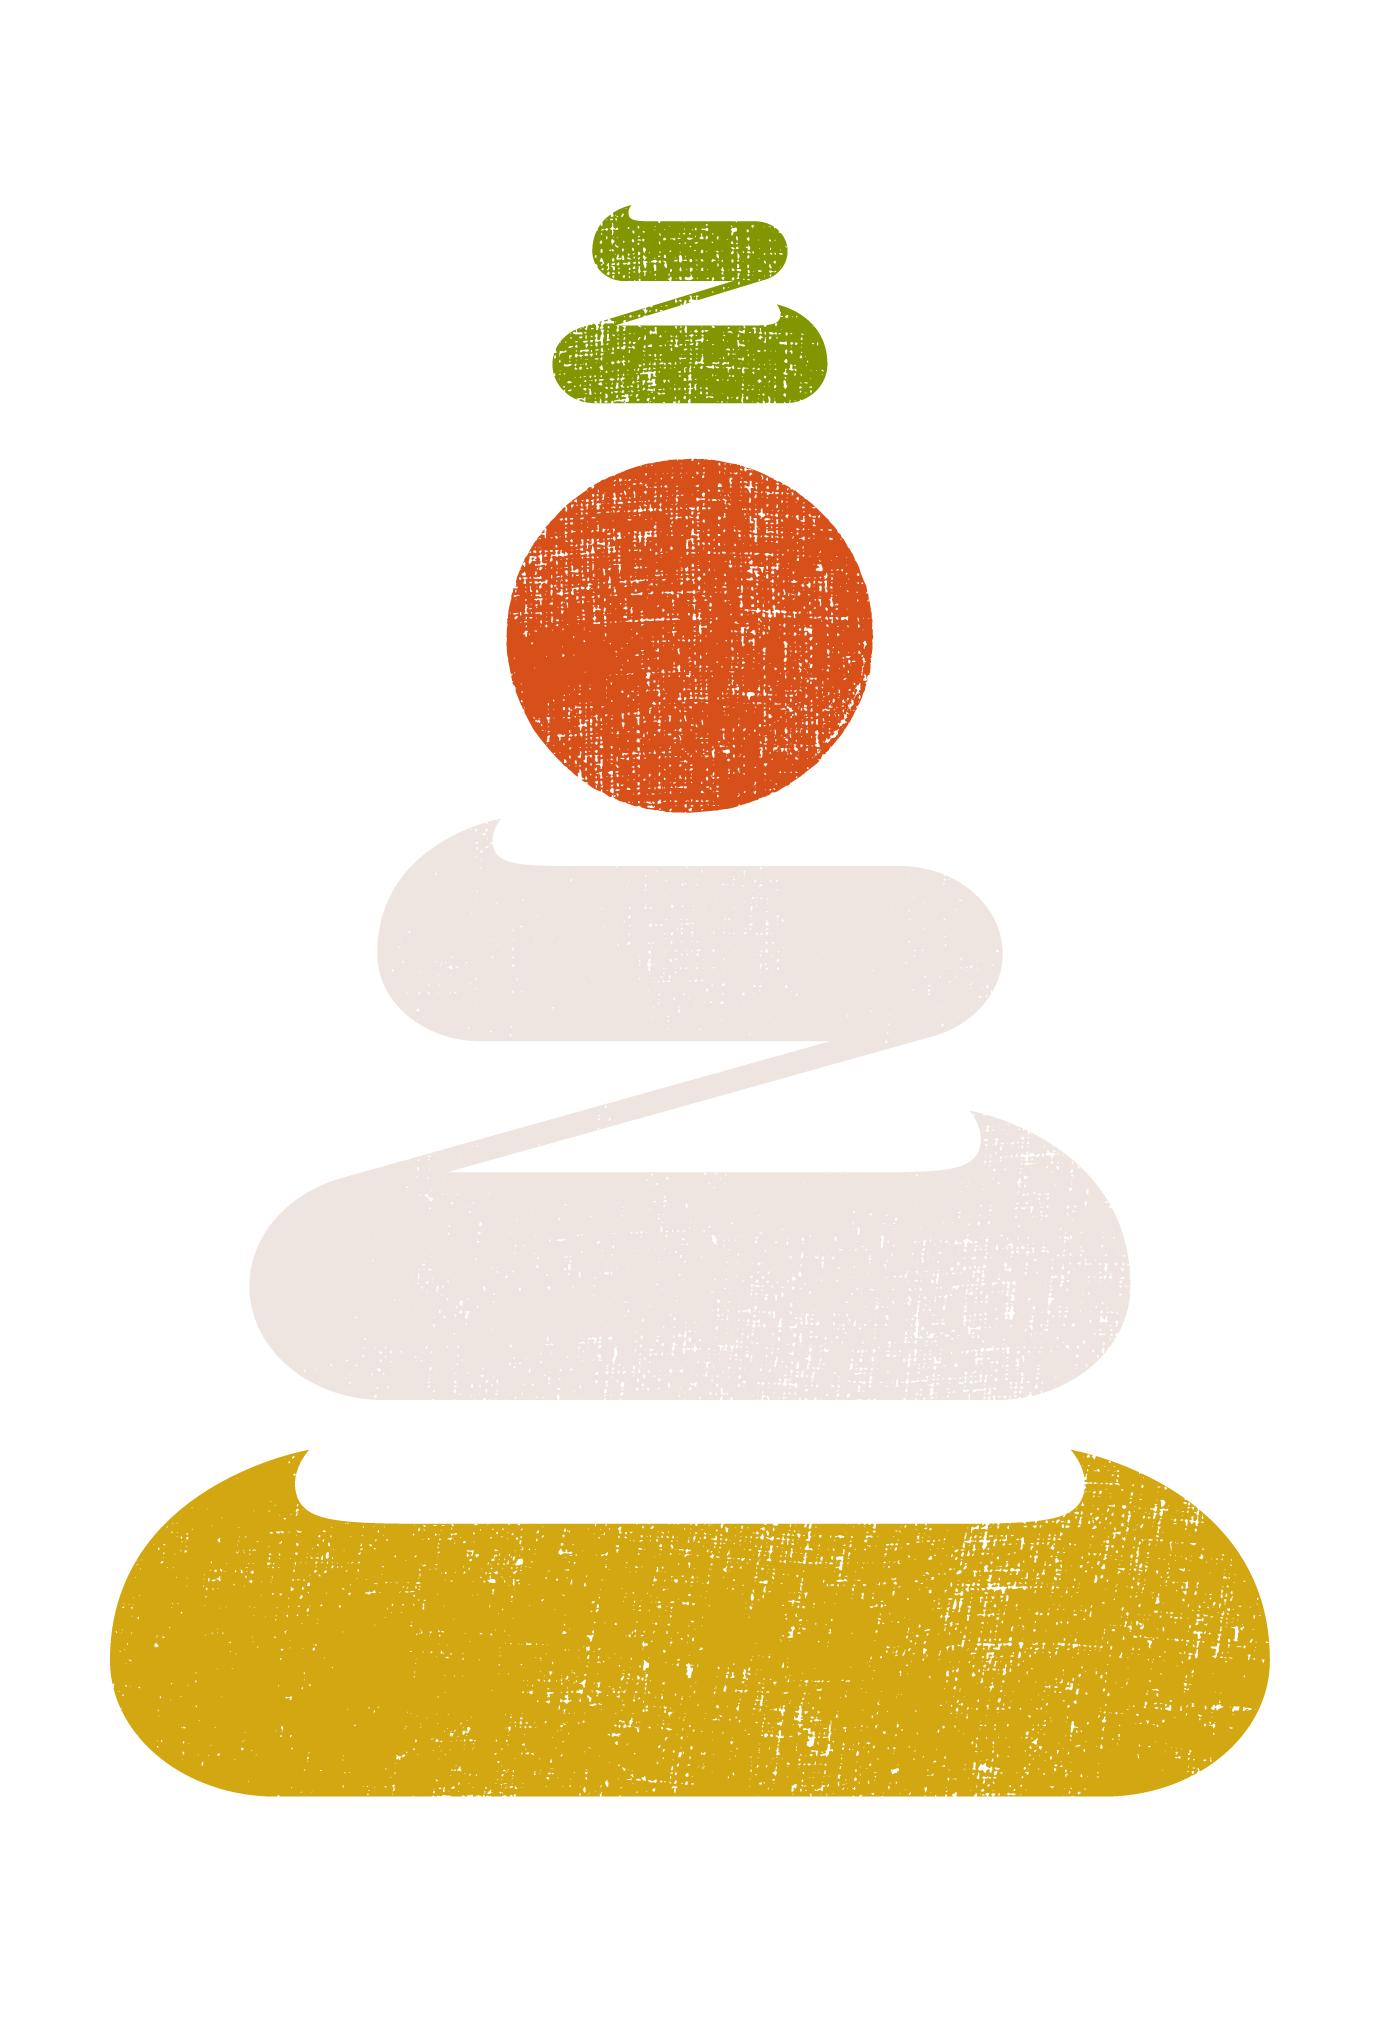 2021年賀状22-3:鏡餅二〇二一 / 縦 Cのダウンロード画像